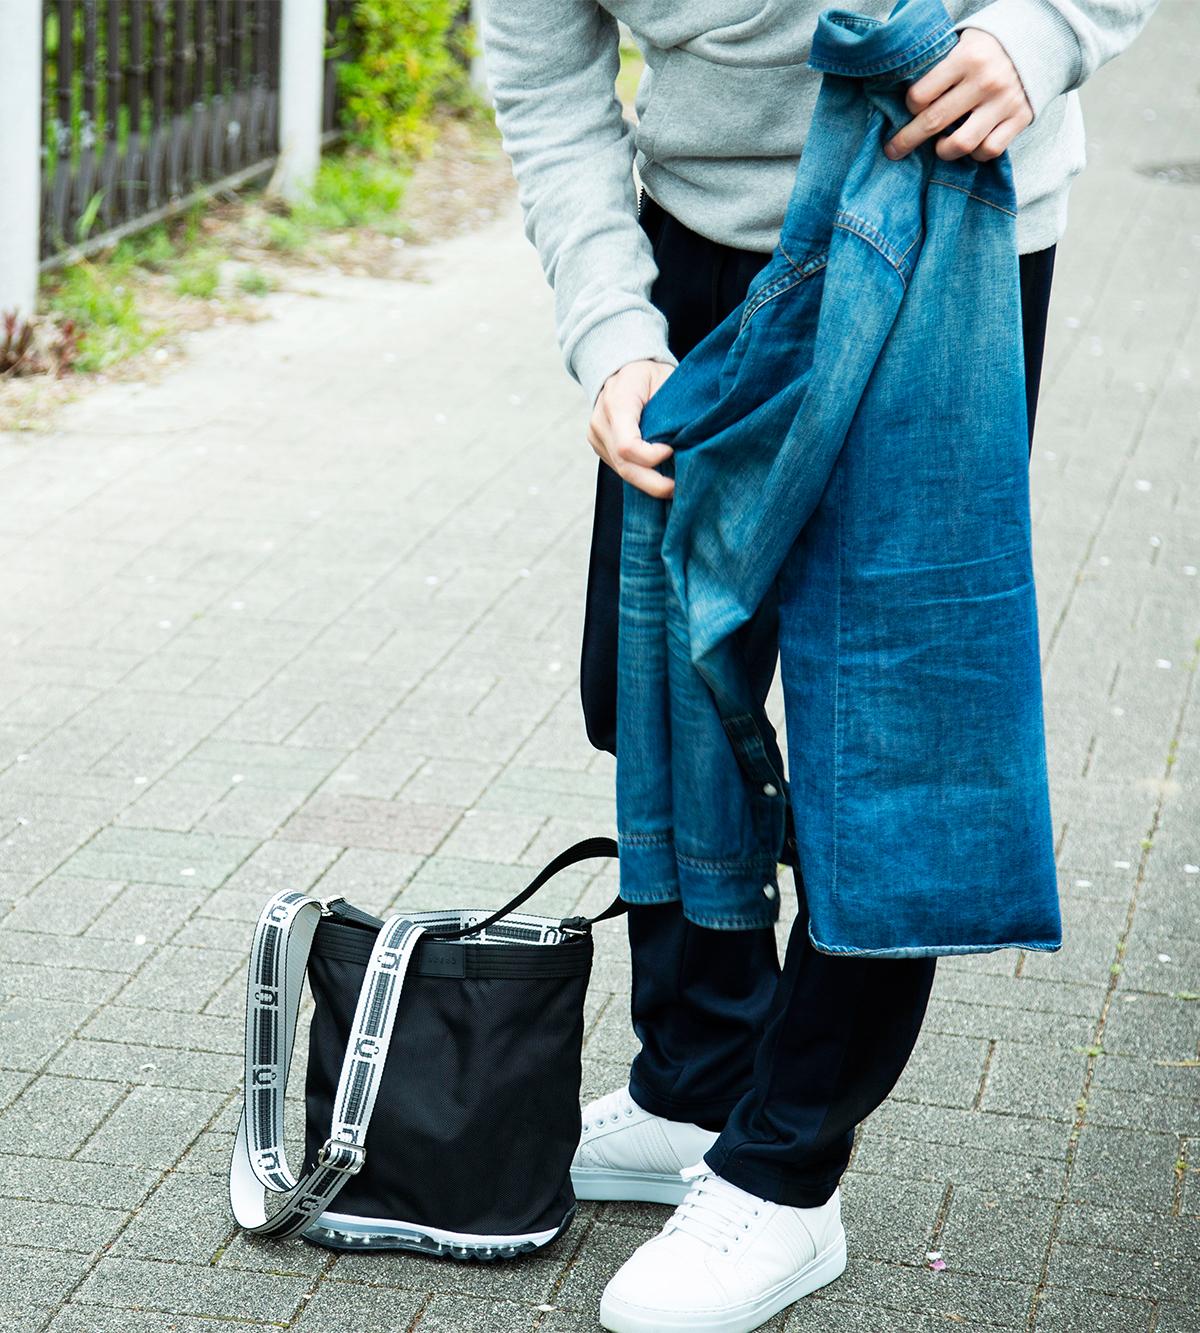 地面にバッグが立つデザインだから、道中でちょっと上着を脱ぎたくなった時にも便利な「遊びトート」| OKERU MONOCO限定